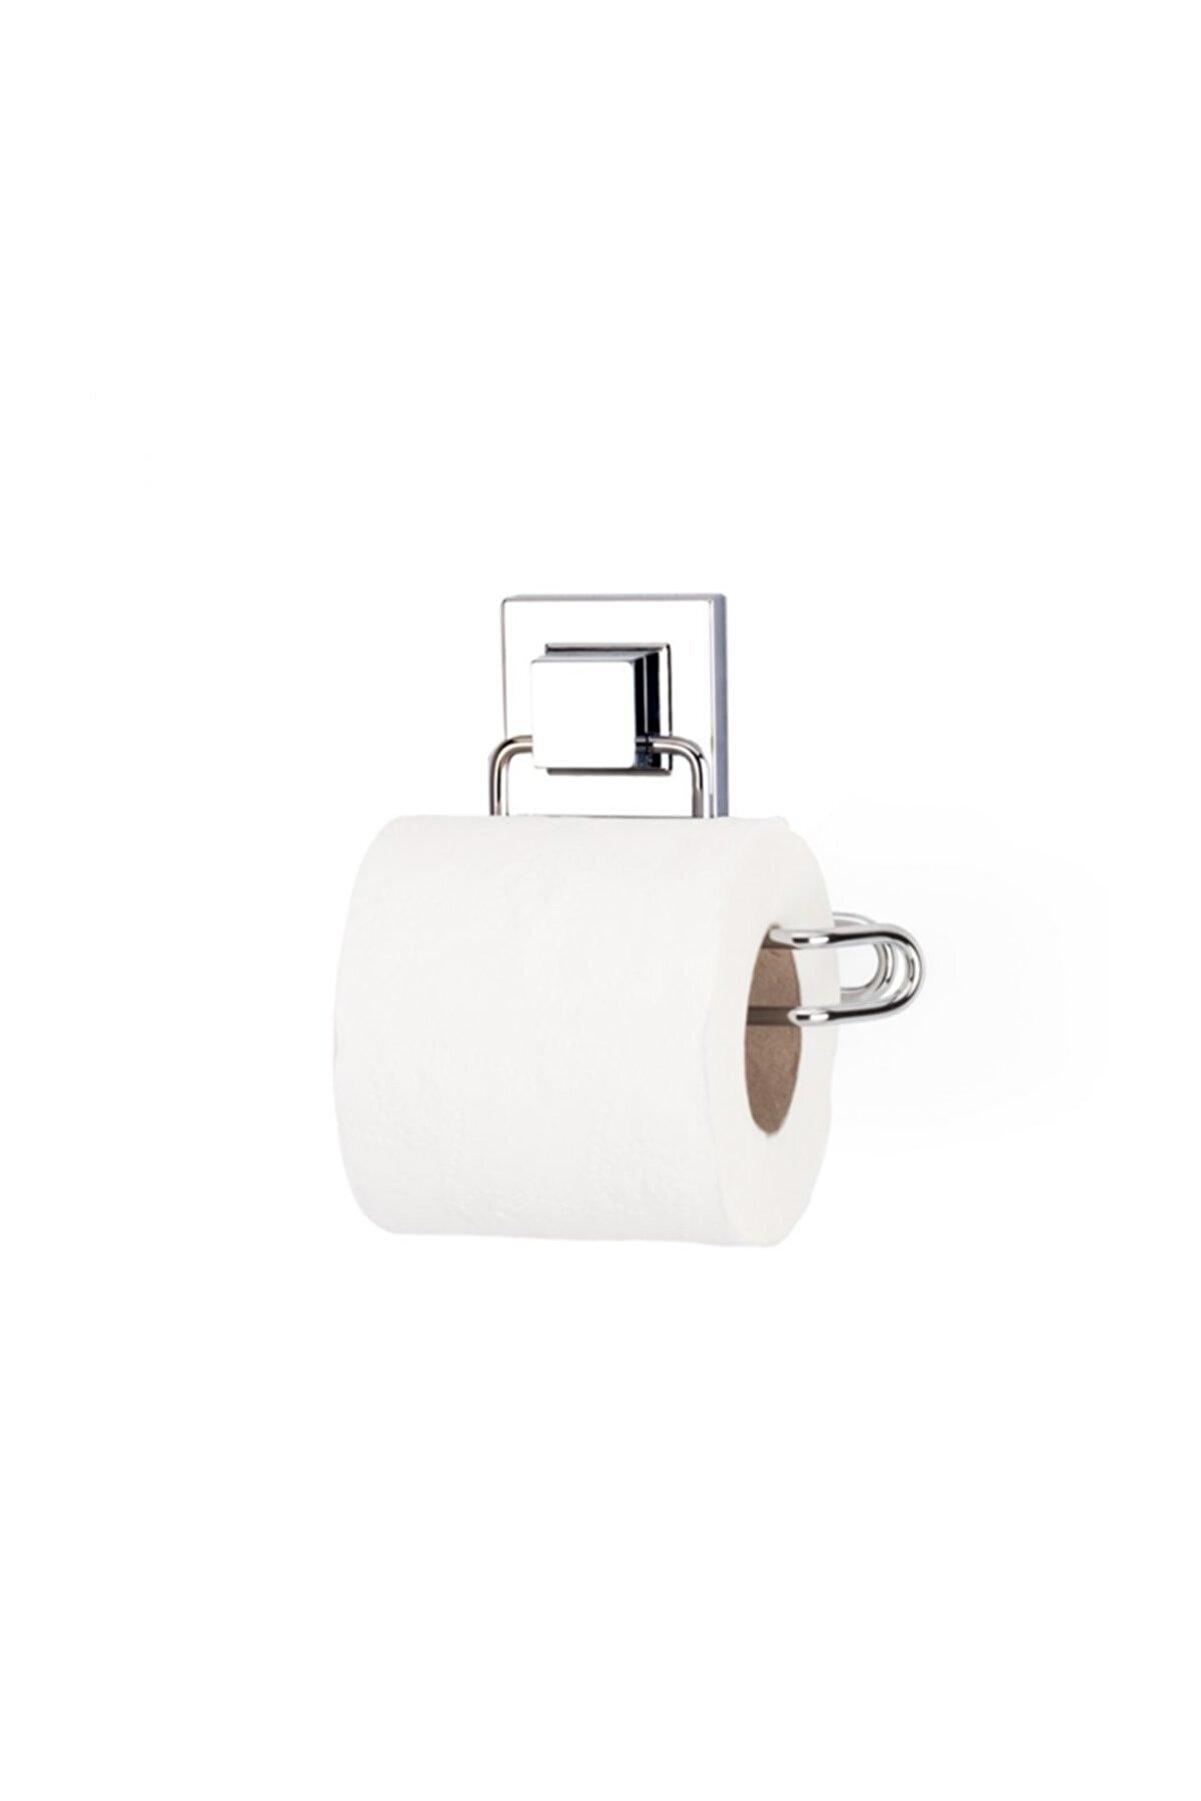 Evistro Banyo Tuvalet Kağıdı Askısı Paslanmaz Krom Yapışkanlı Easyfix